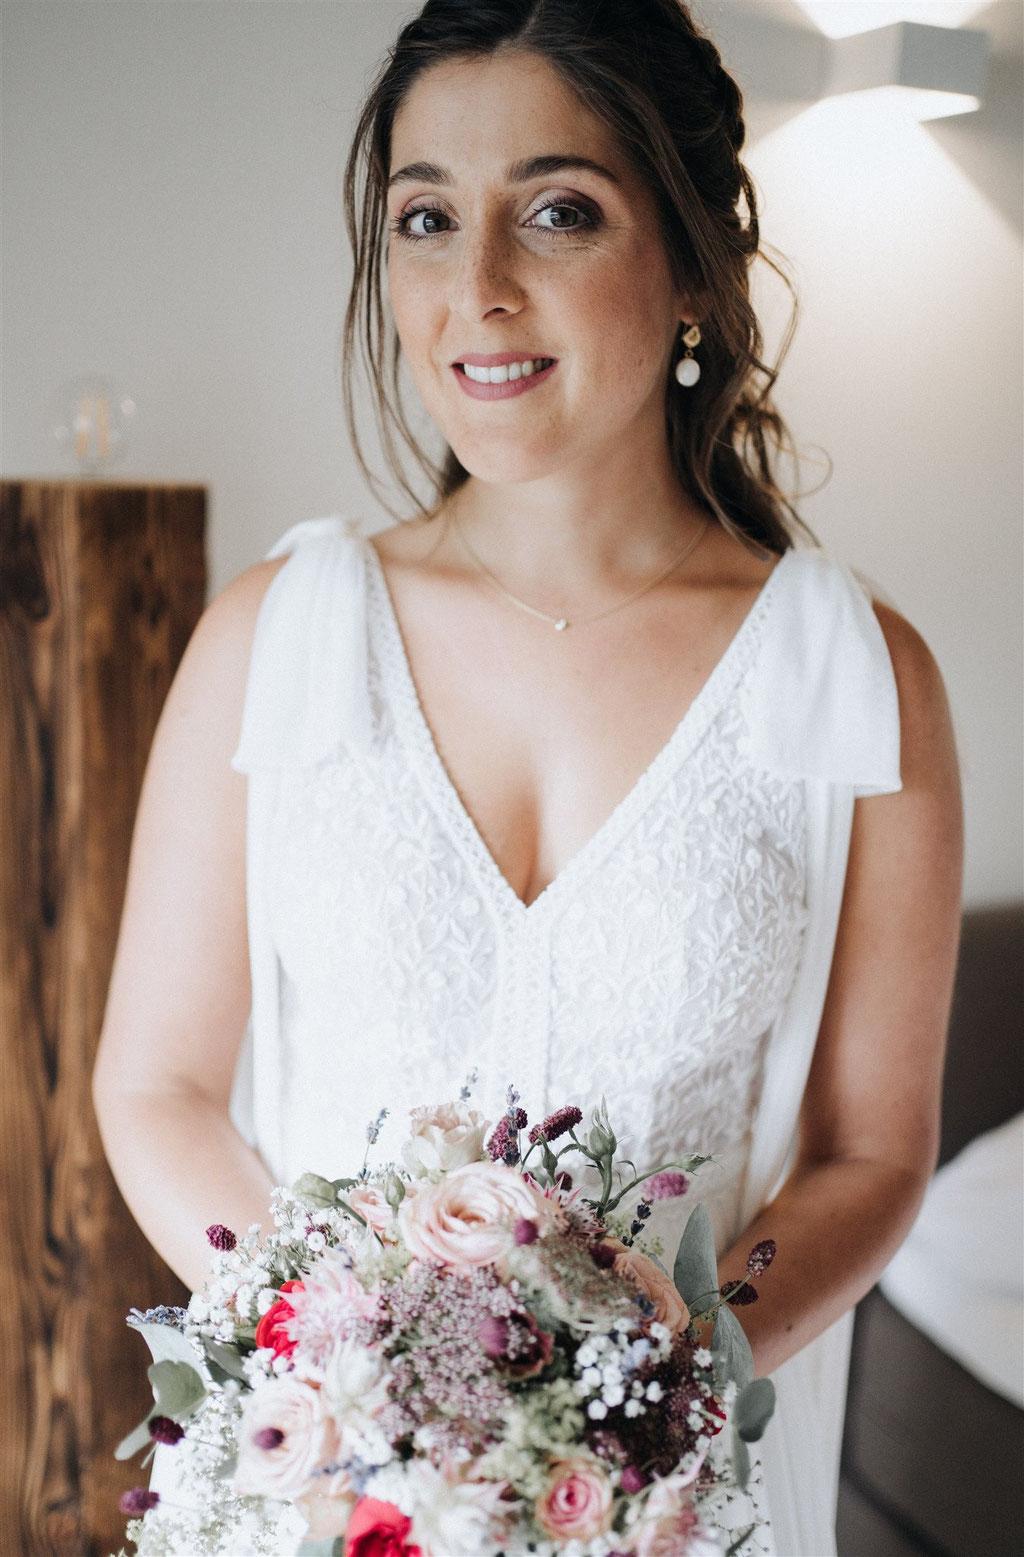 Braut 2020 Nadine, Make-Up und Haarstyling von Nadja Thoma, Fotos Lisa Ludwig, lilufotografie